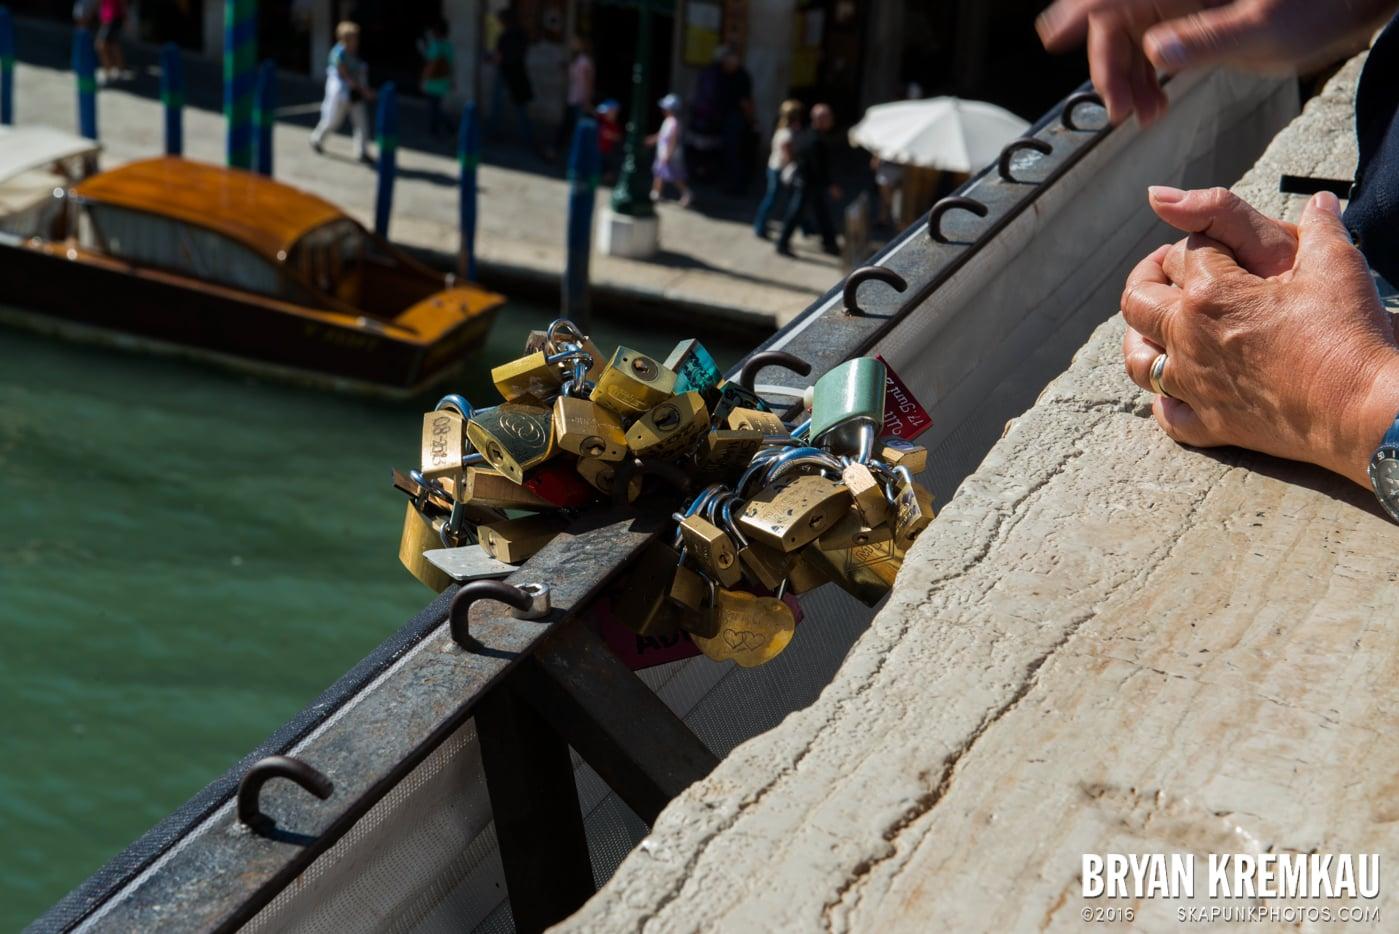 Italy Vacation - Day 4: Venice - 9.12.13 (59)